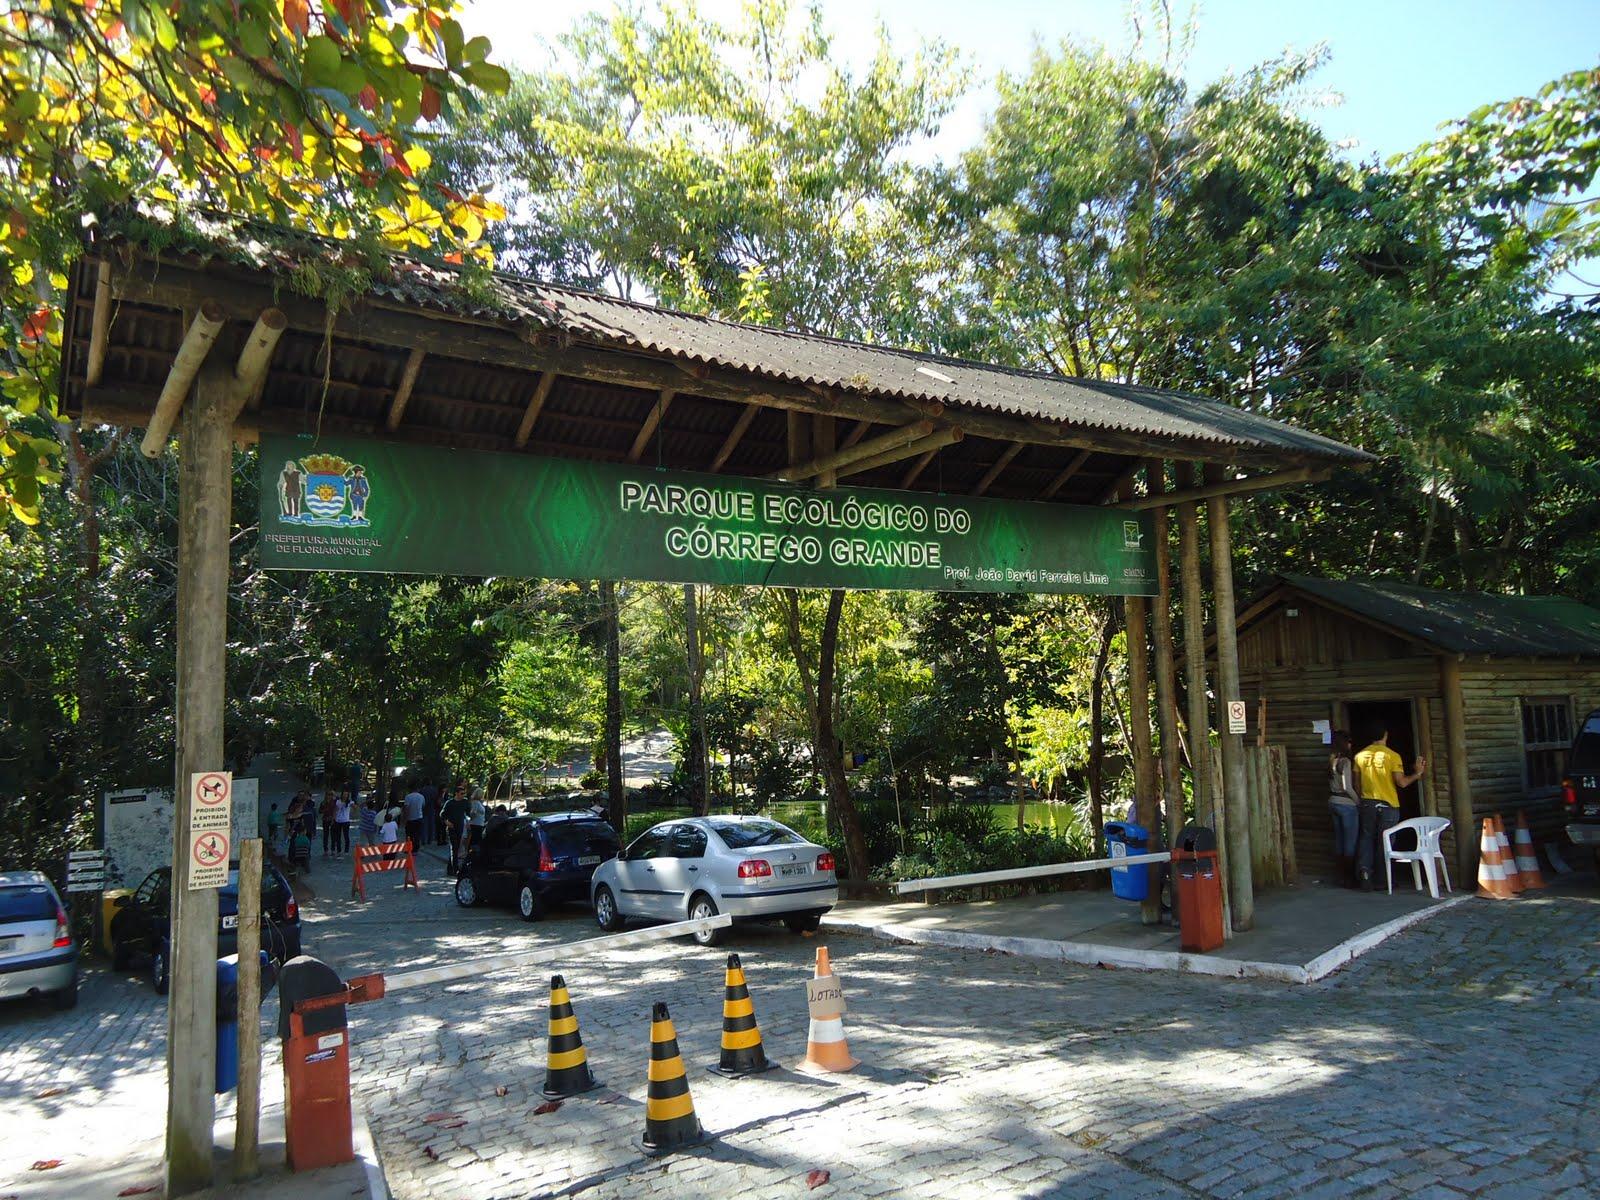 Parque ecol gico do c rrego grande mapa verde abierto for Parque japones precio de entrada